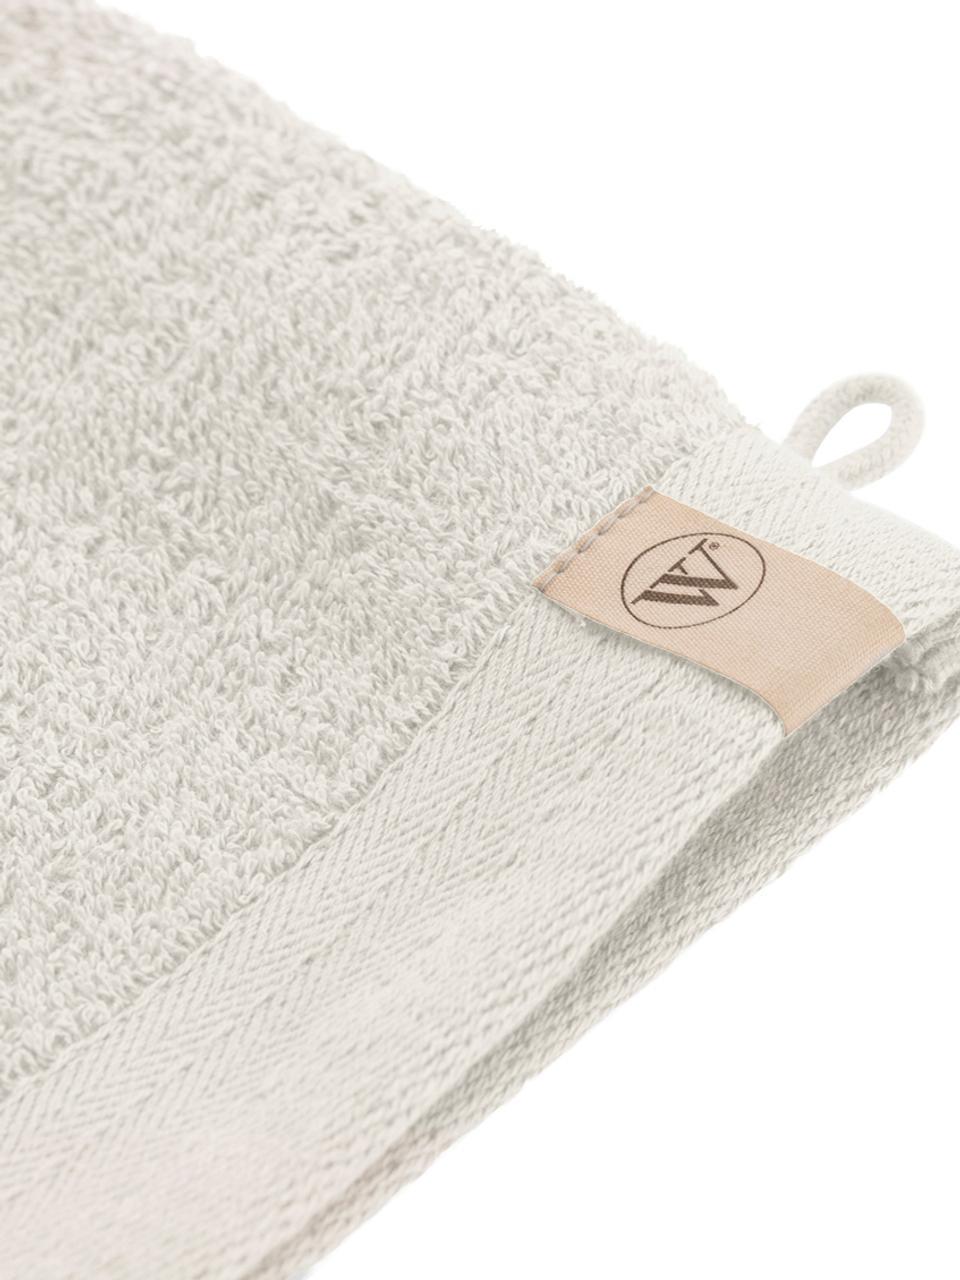 Guanto da bagno Soft Cotton 2 pz, Beige chiaro, Larg. 16 x Lung. 21 cm